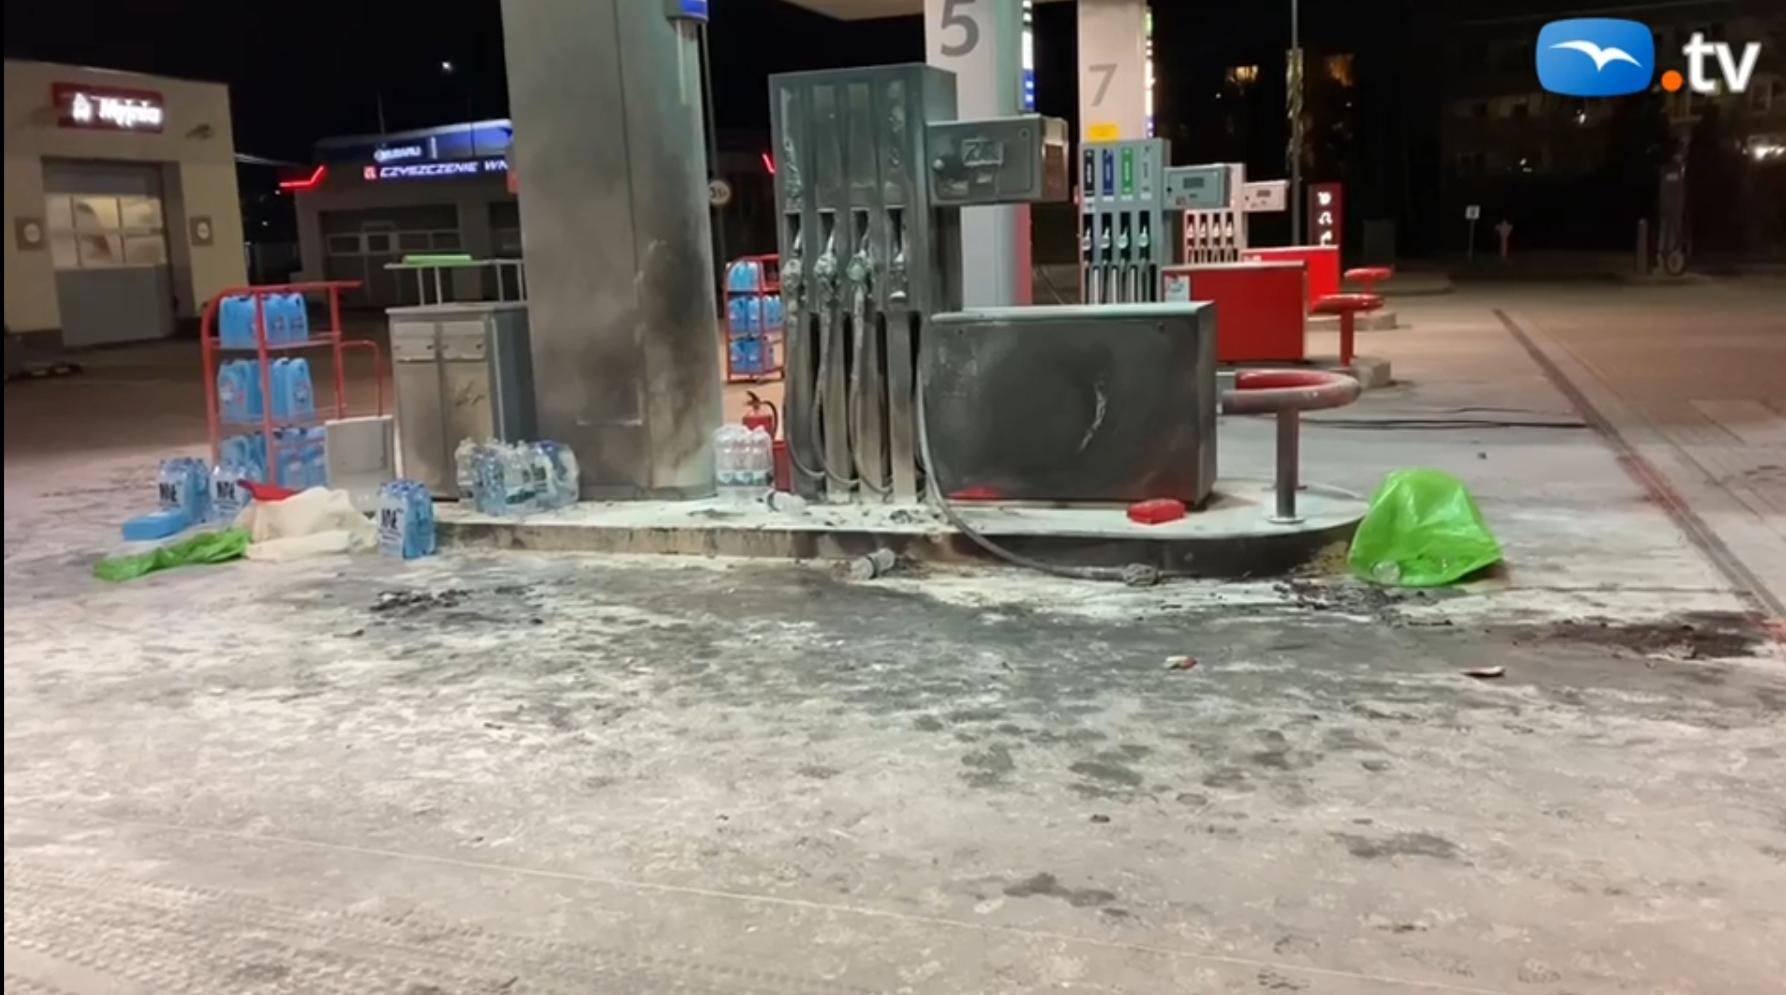 Z KRAJU: Mężczyzna oblał się benzyną i PODPALIŁ! Czy ma to związek z brutalnym morderstwem na Pomorzu? [NOWE FAKTY] - Zdjęcie główne